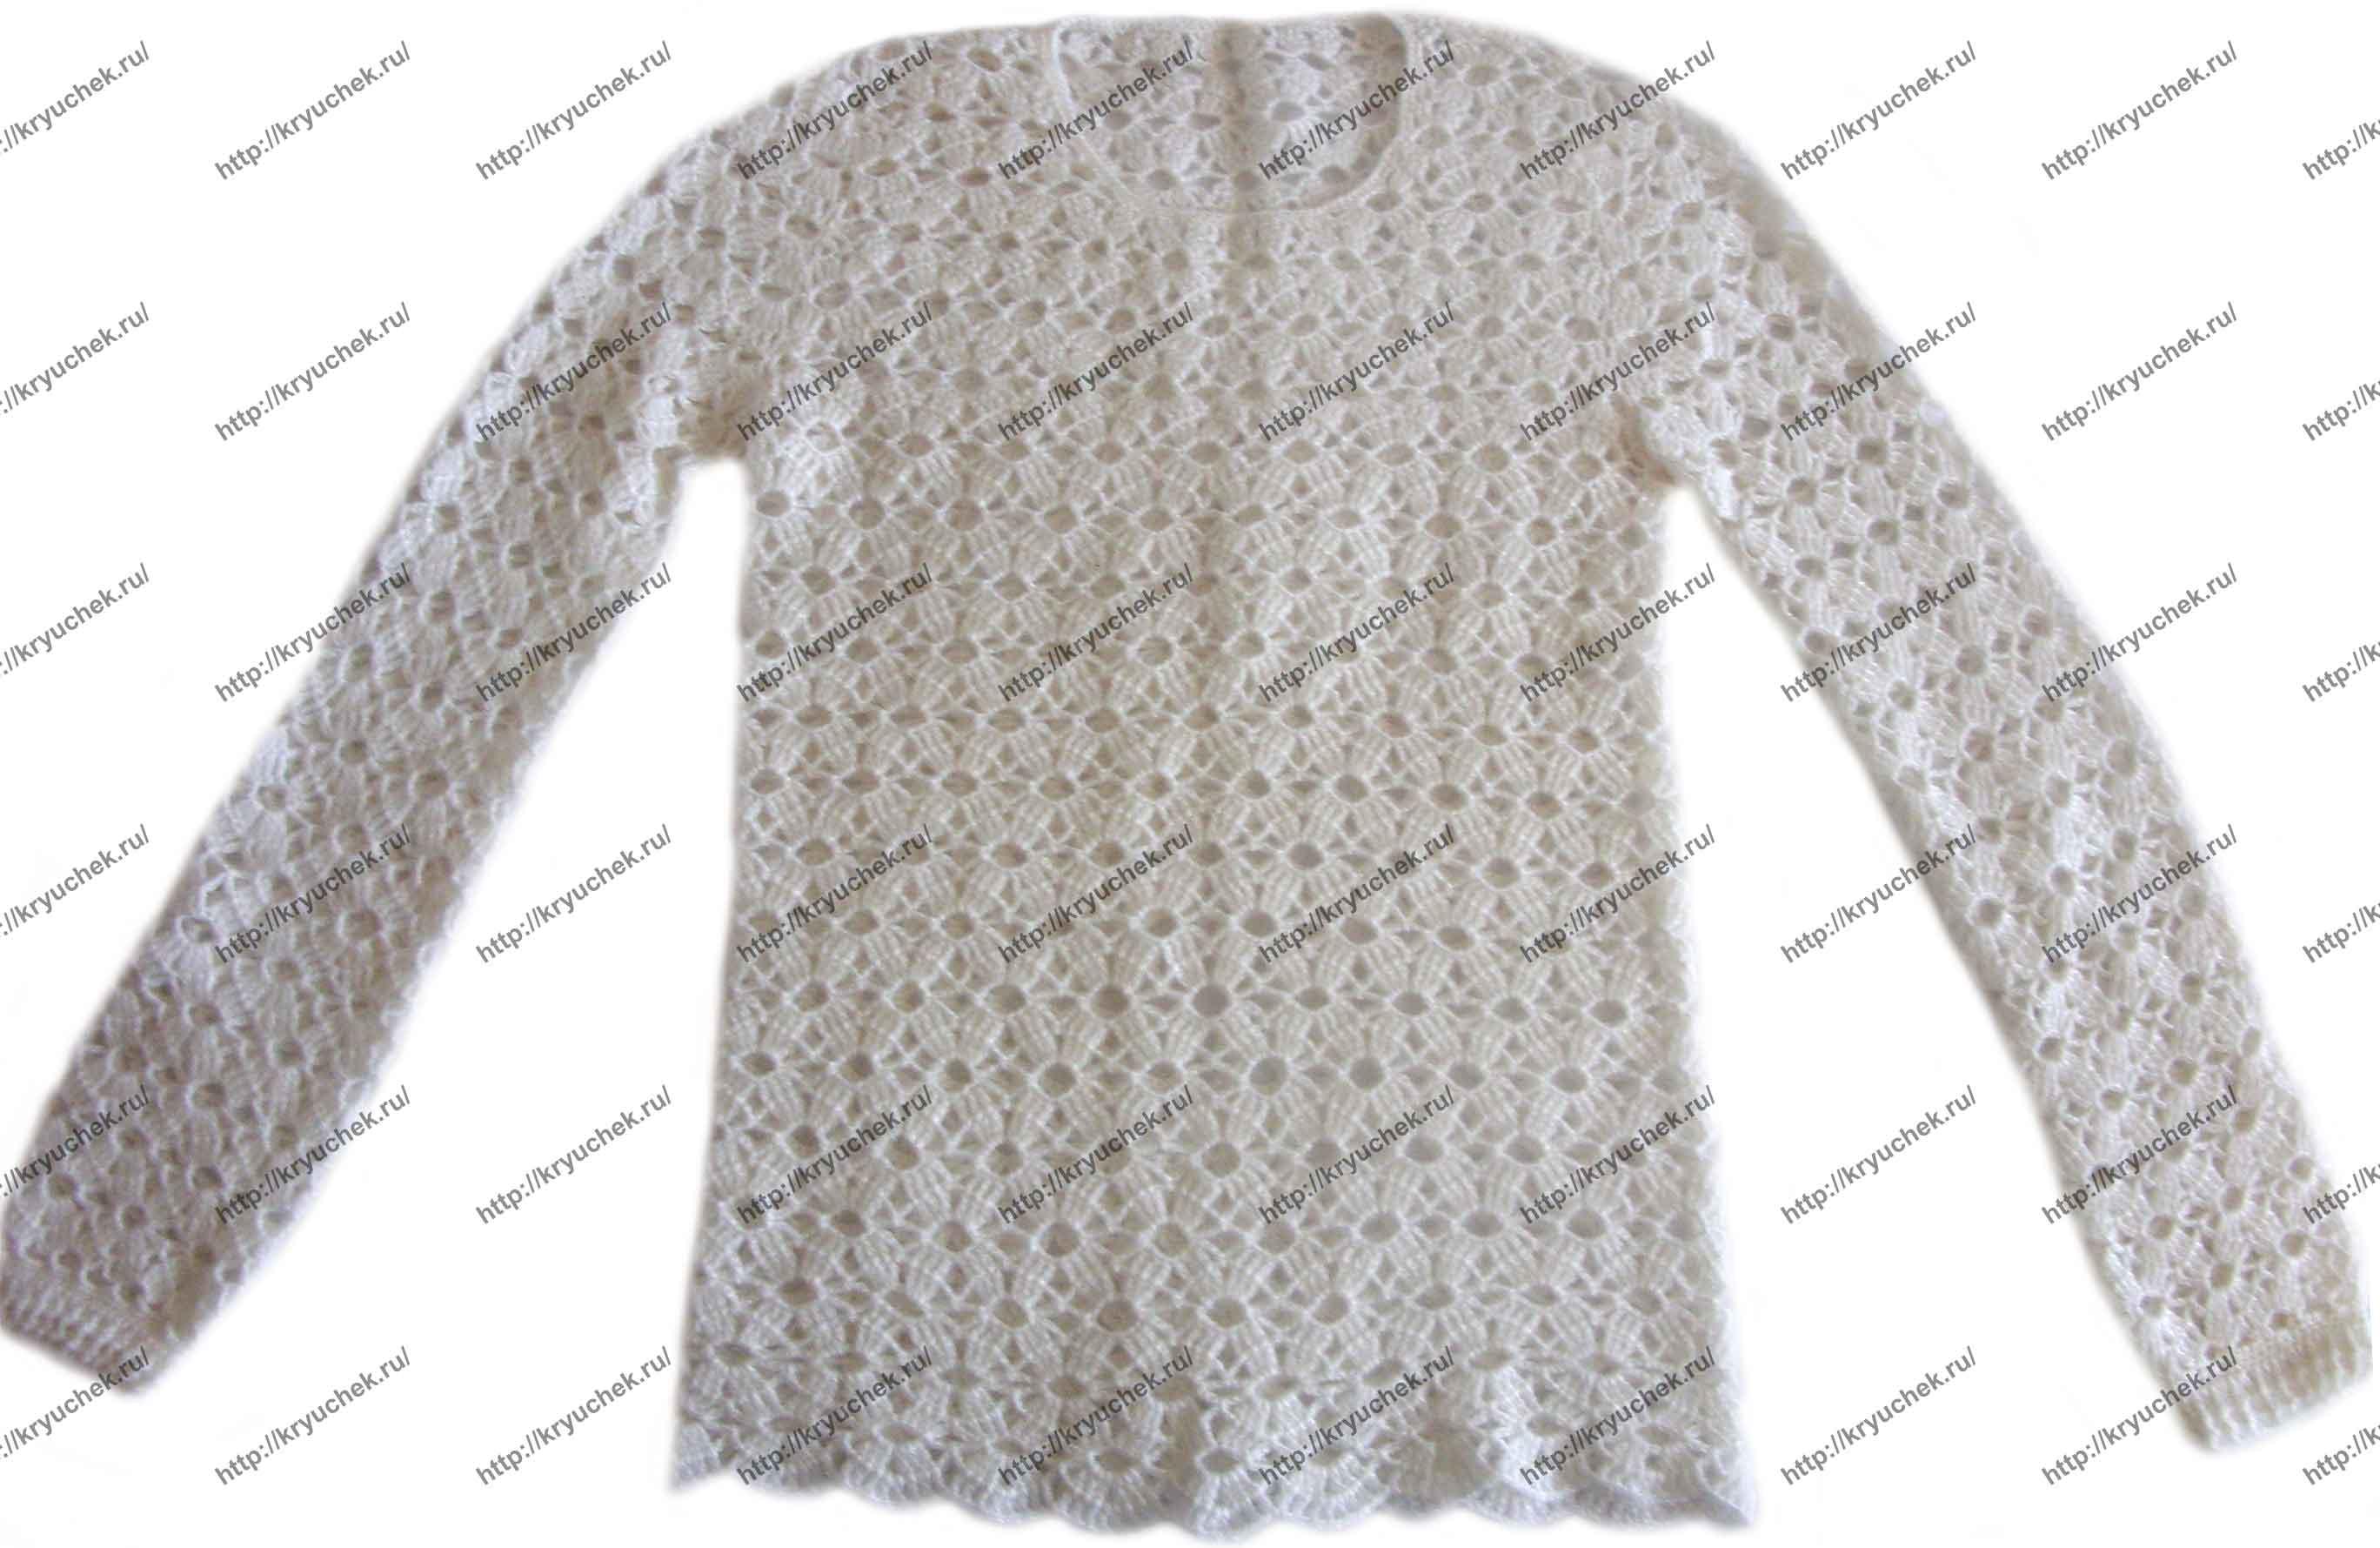 Пример связанной крючком женской женской белой кофты